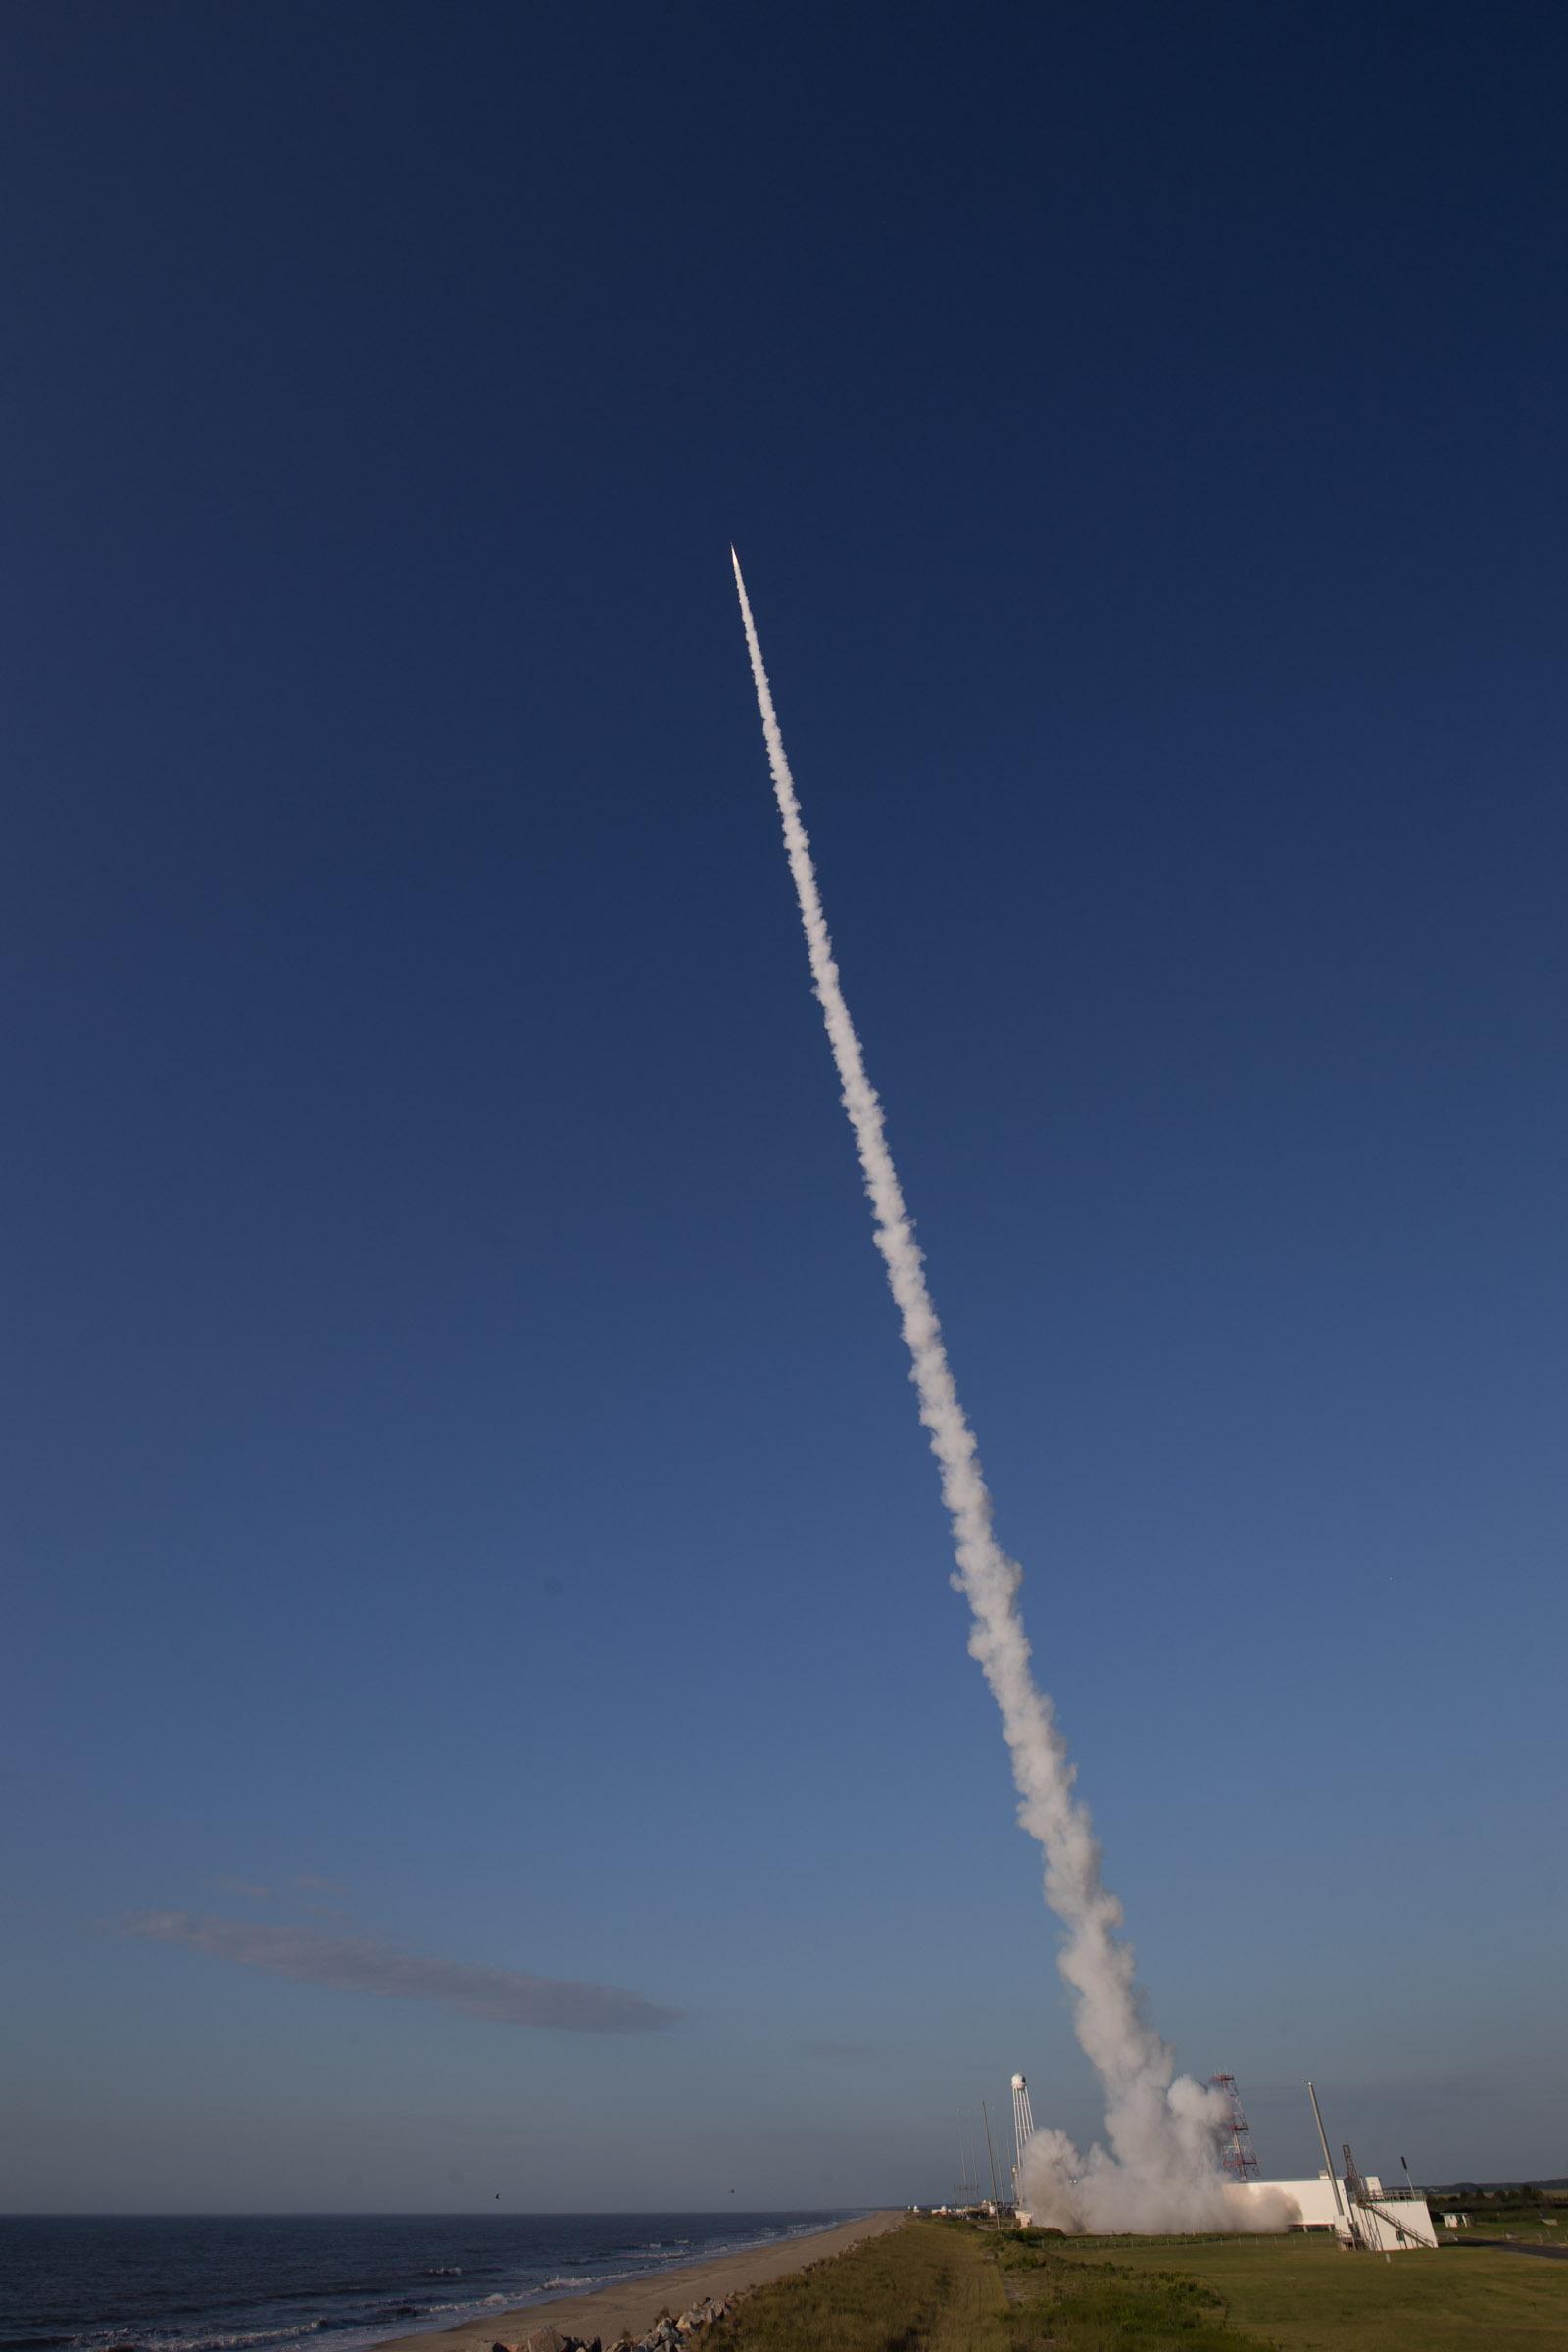 courtesy of: NASA Wallops Flight Facility/Berit Bland